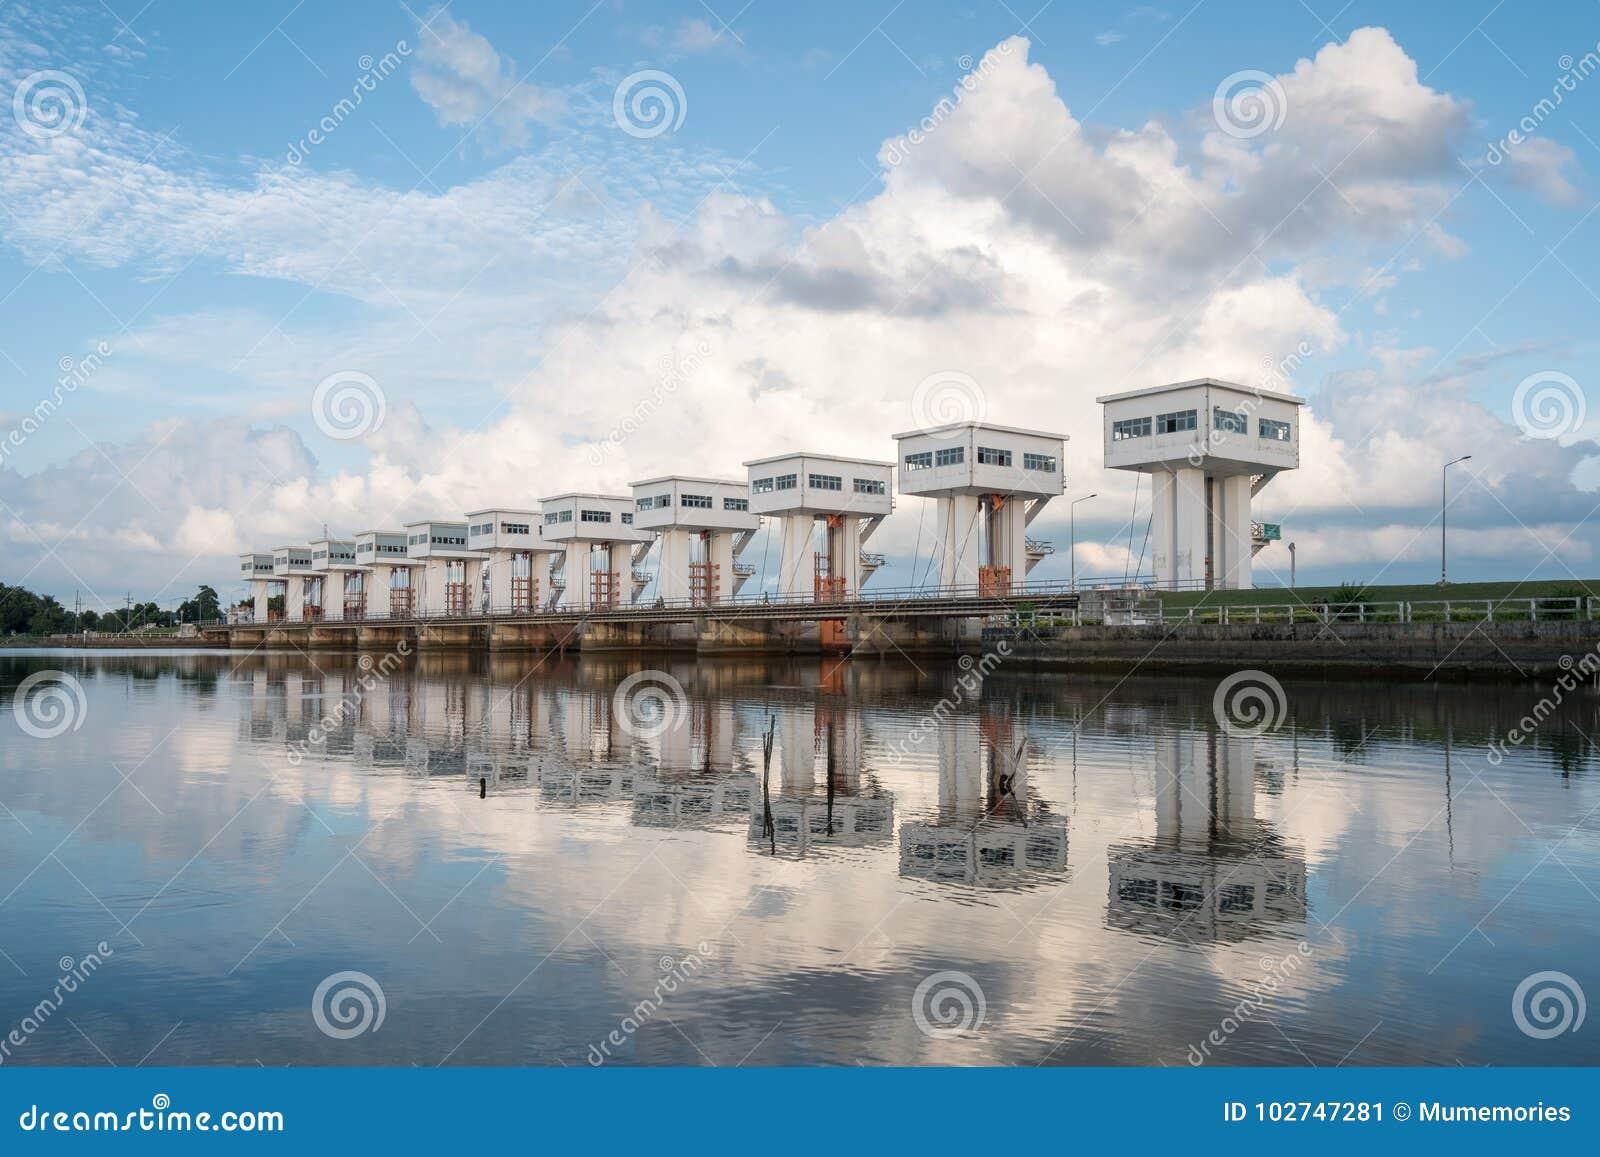 Arkitektur som bygger härliga Utho Wipat prasitdammluckor